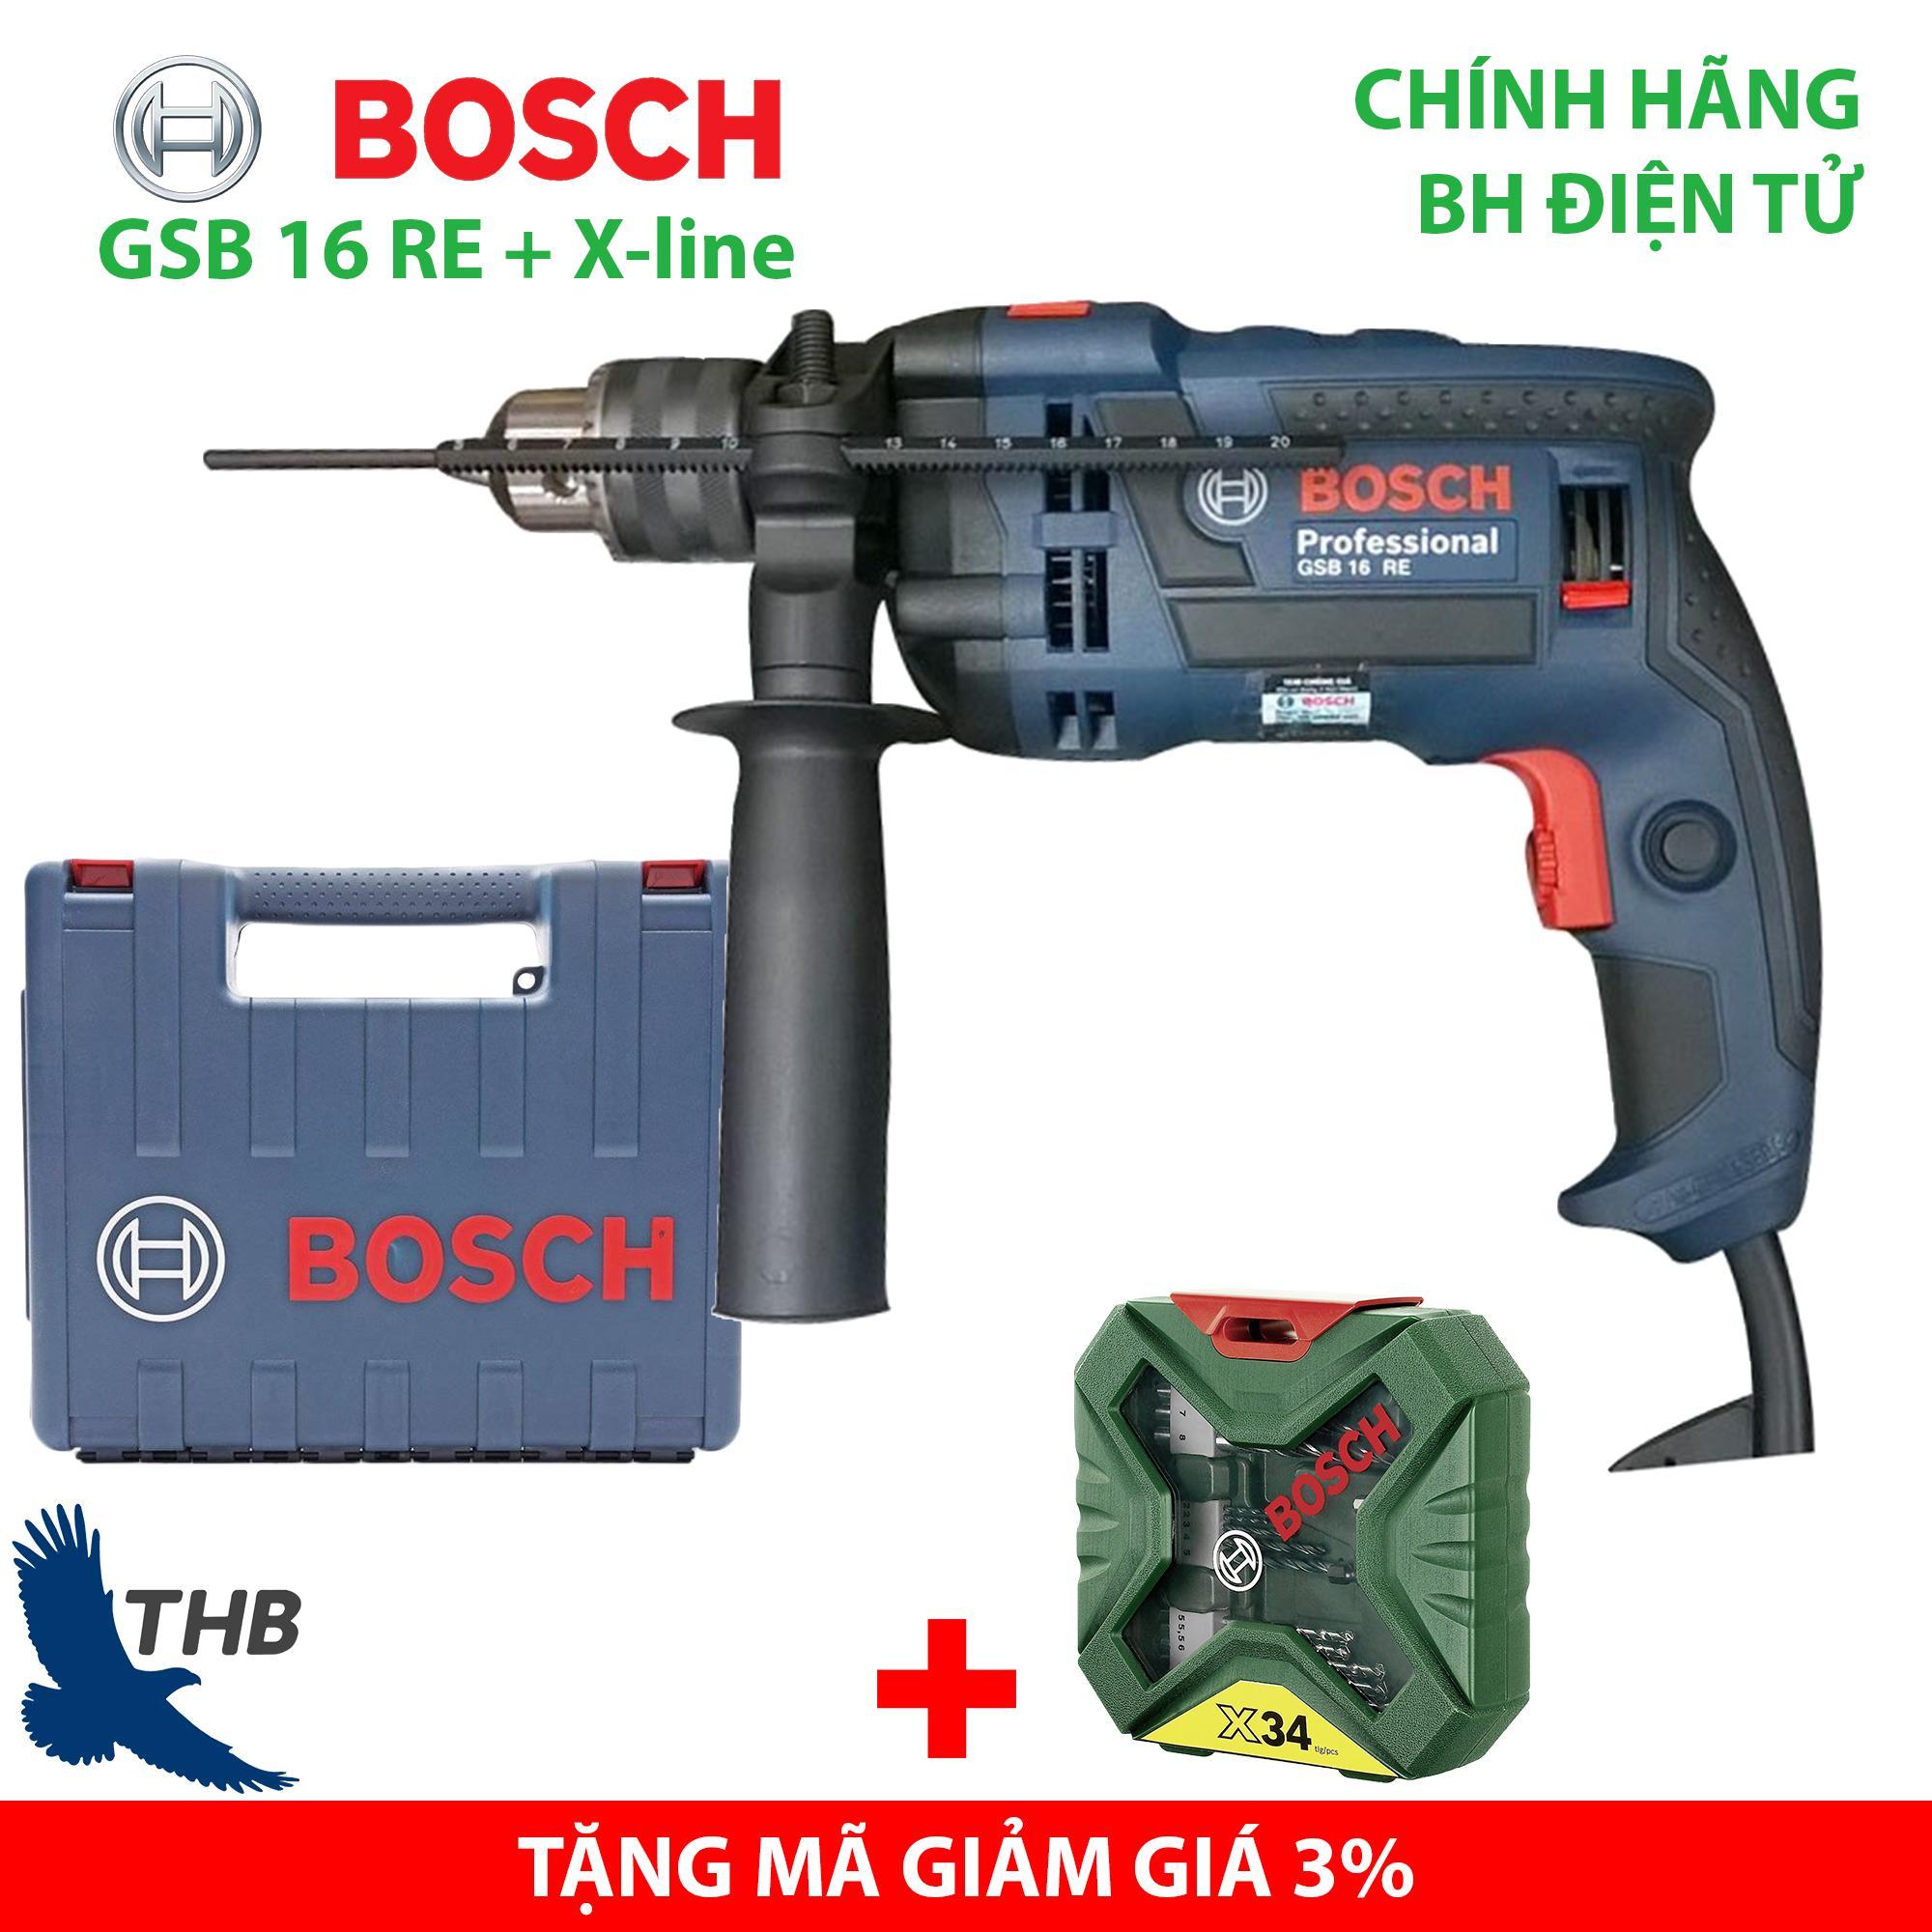 Máy khoan gia đình Máy khoan động lực Bosch GSB 16 RE tặng Xline 34 Xuất xứ Malaysia Bảo hành 12 tháng